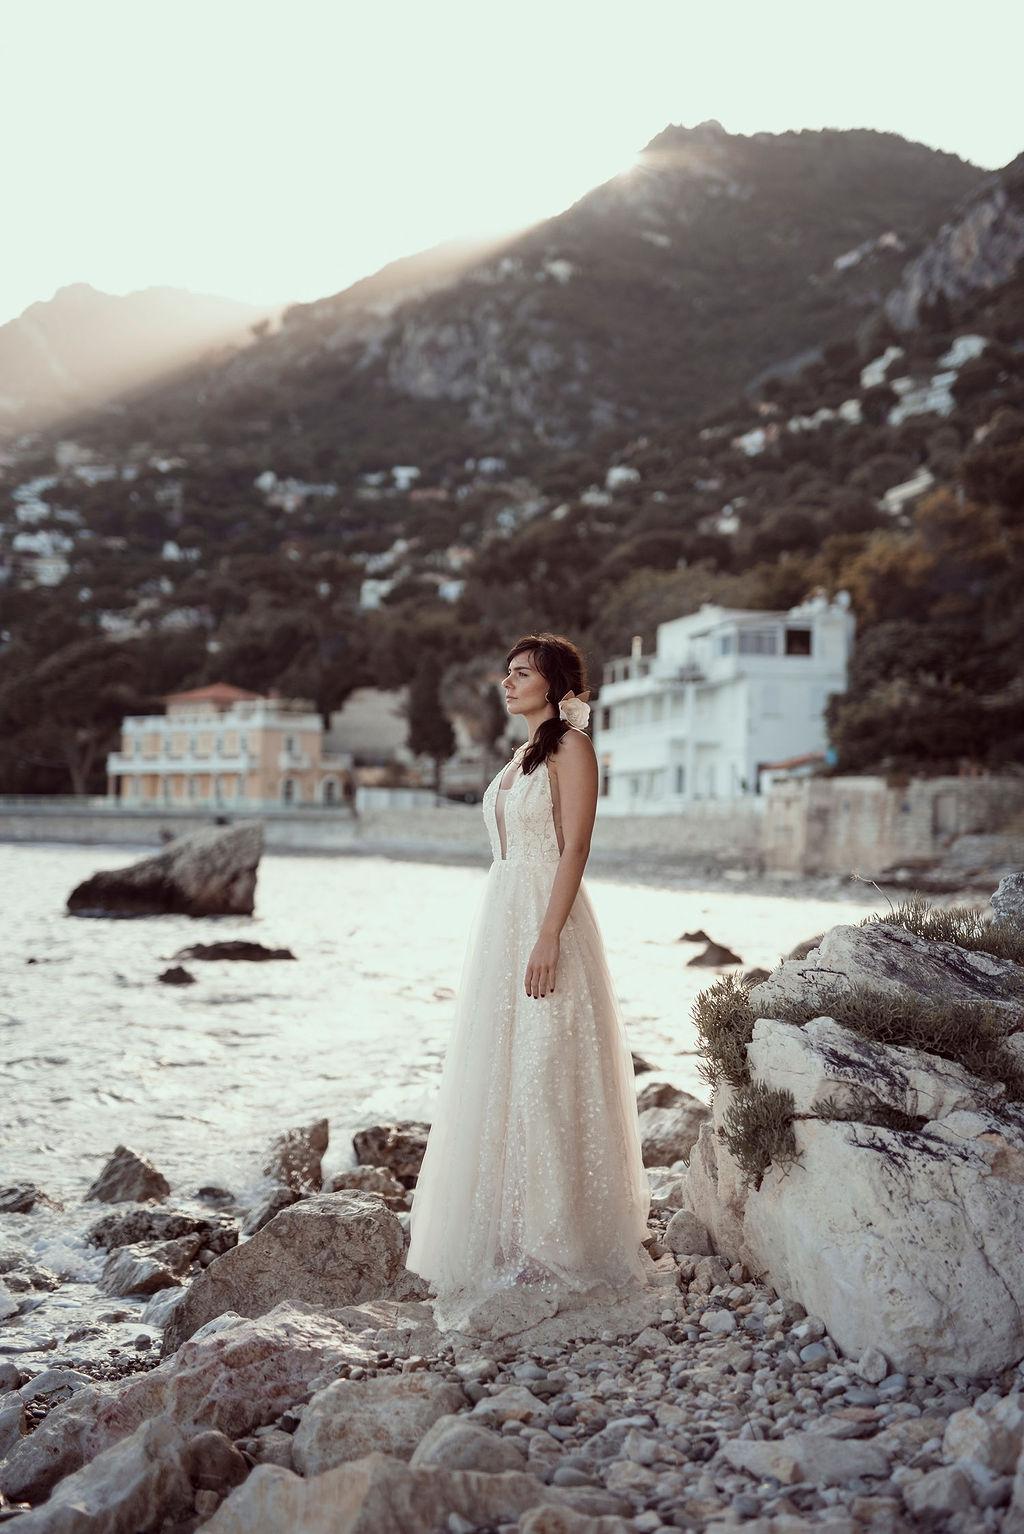 Rose en tissu ornement de coiffure Alice MARTY Couture Florale Accessoires mariage et jolis jours